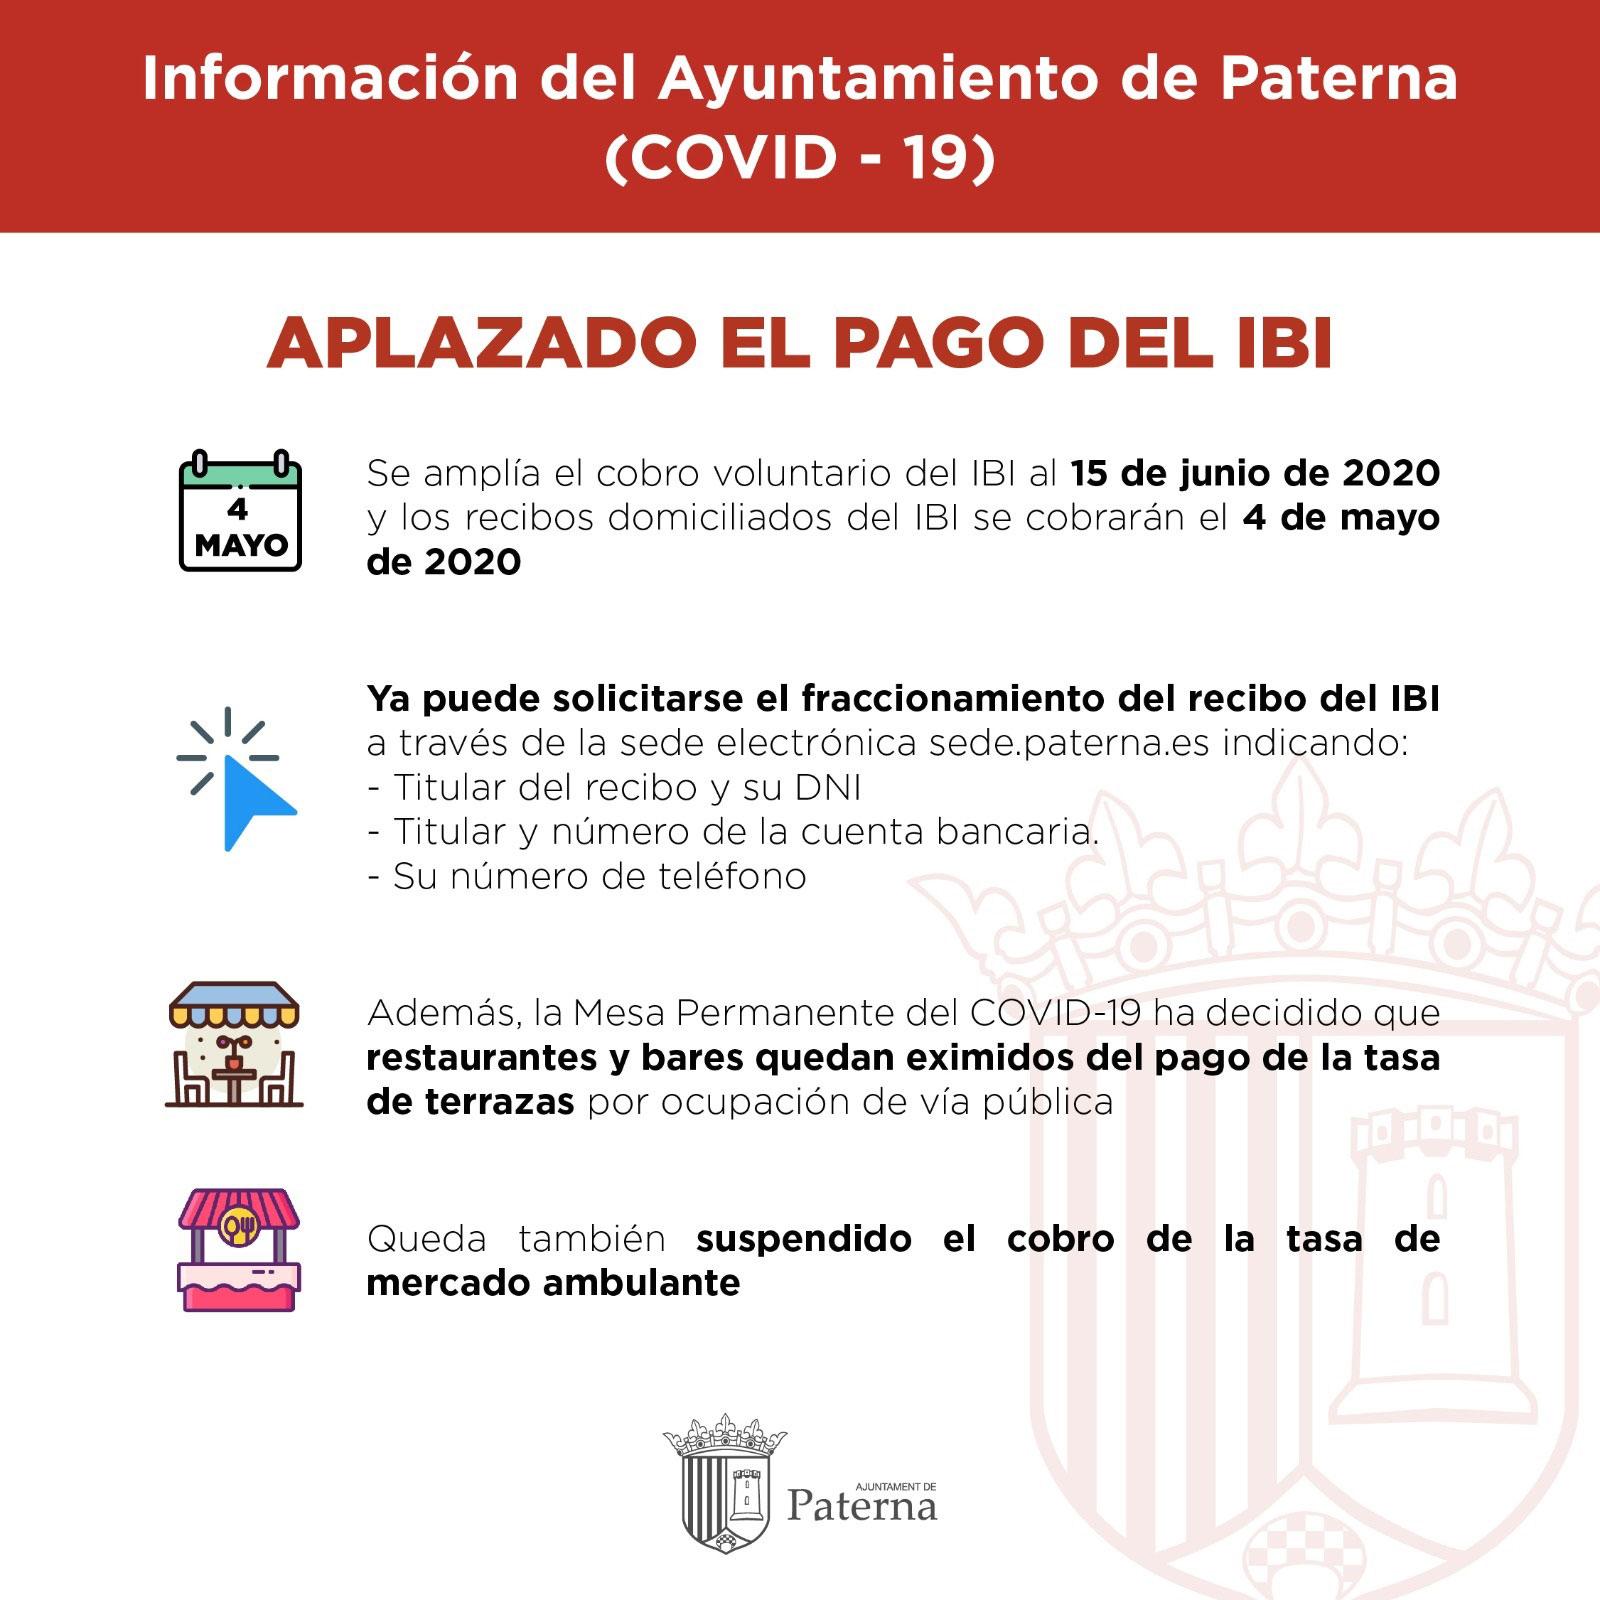 Información del Ayuntamiento de Paterna - Aplazado el pago del IBI